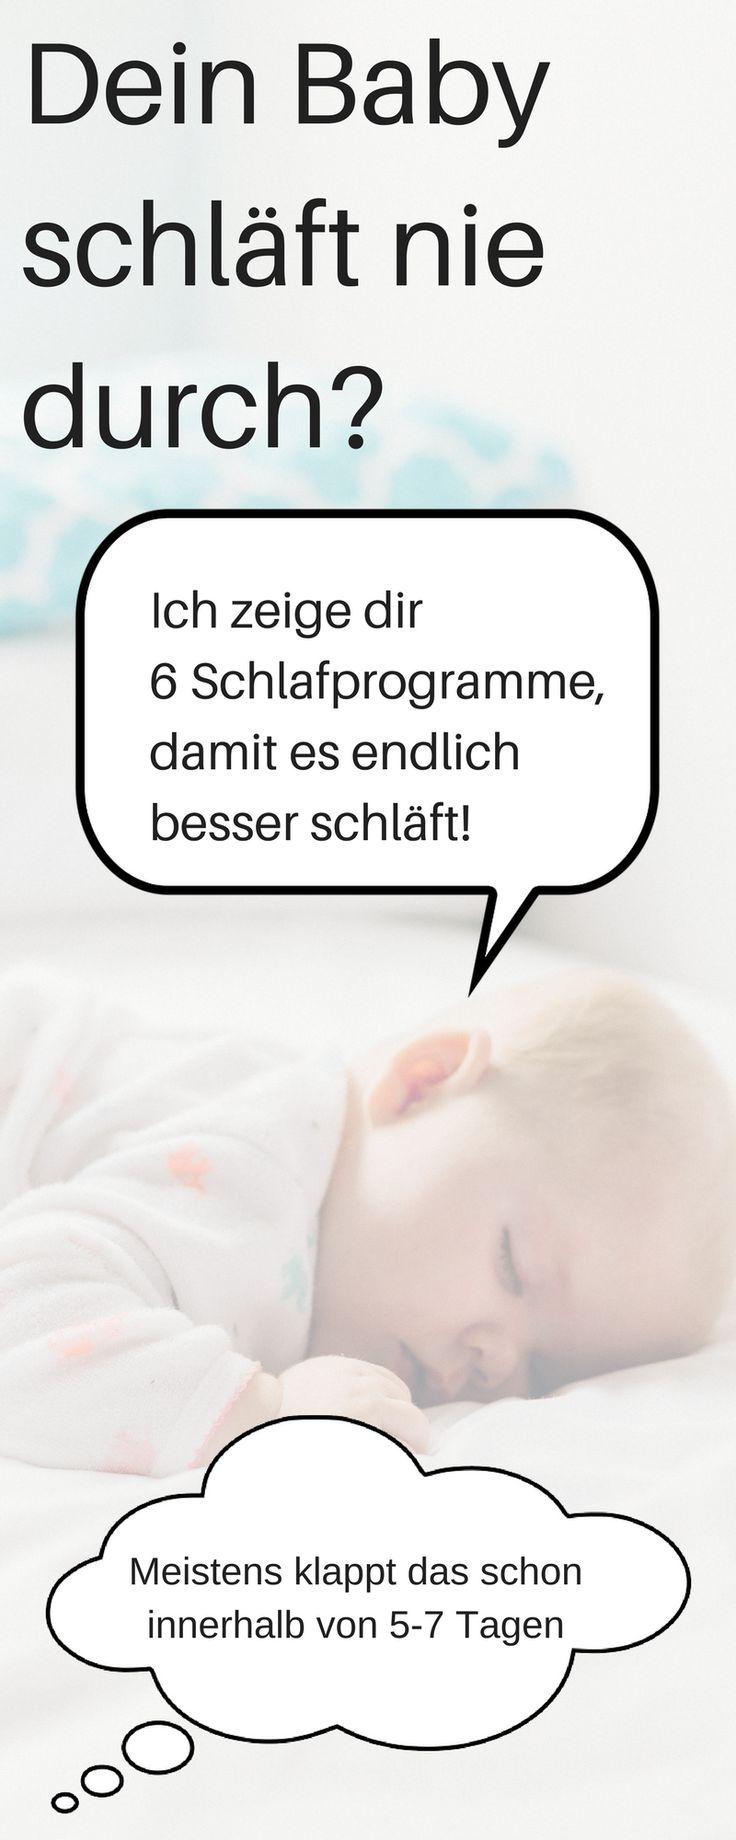 Einschlaftipps für Babys. So schaffe ich es, endlich wieder trotz meines Babys nachts durchzuschlafen. Tipps zum Einschlafen von Babys, Baby 3 Monats Koliken, so schläft jedes Baby ein, Baby schreien lassen, Baby Schlaftraining, Einschlafprogramm Baby, Baby ohne schreien schlafen, ferber Programm, ferbern,